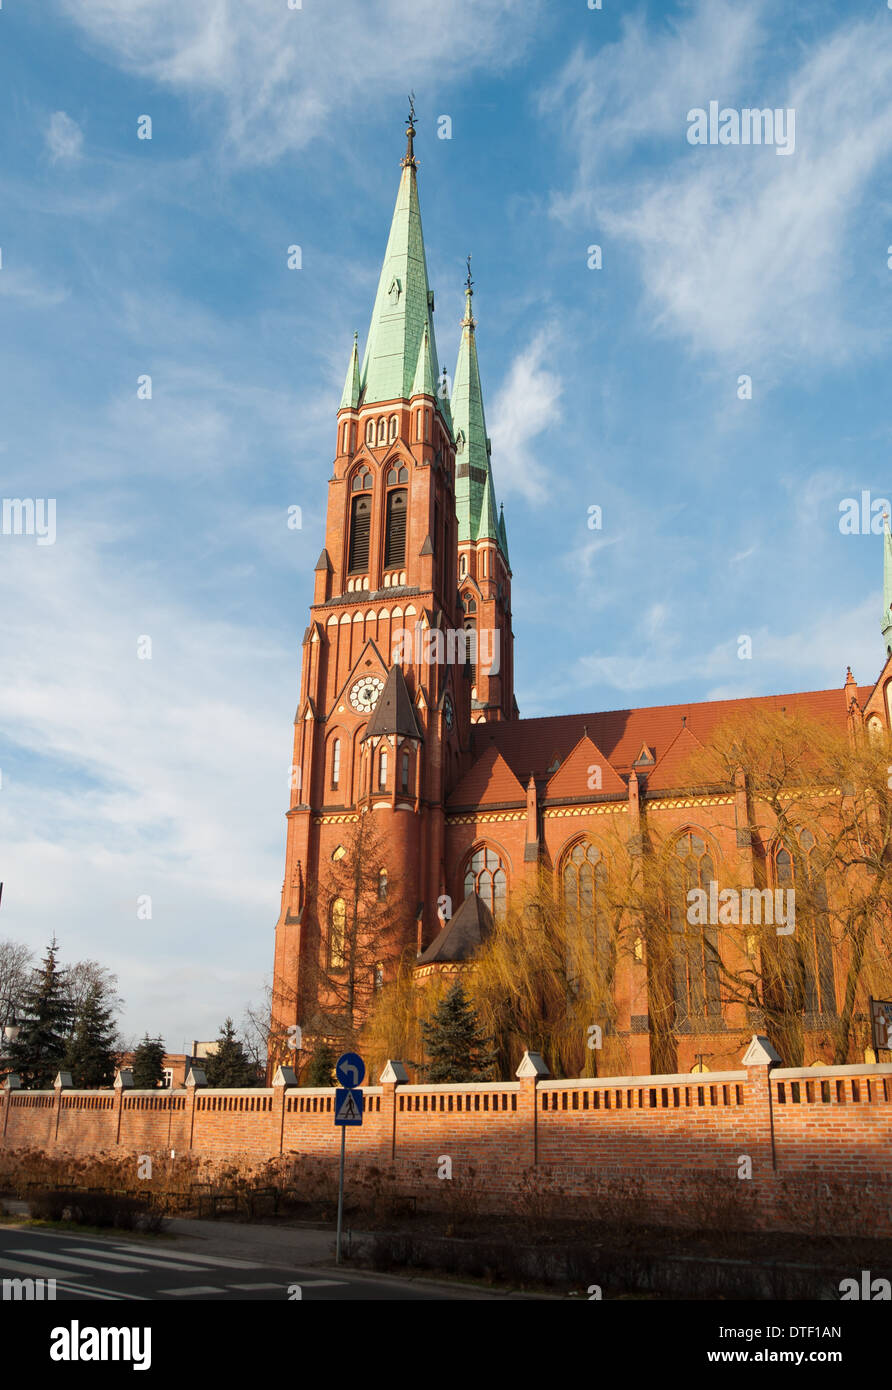 Saint Antoni's basilica in Rybnik in Silesia - Poland Stock Photo